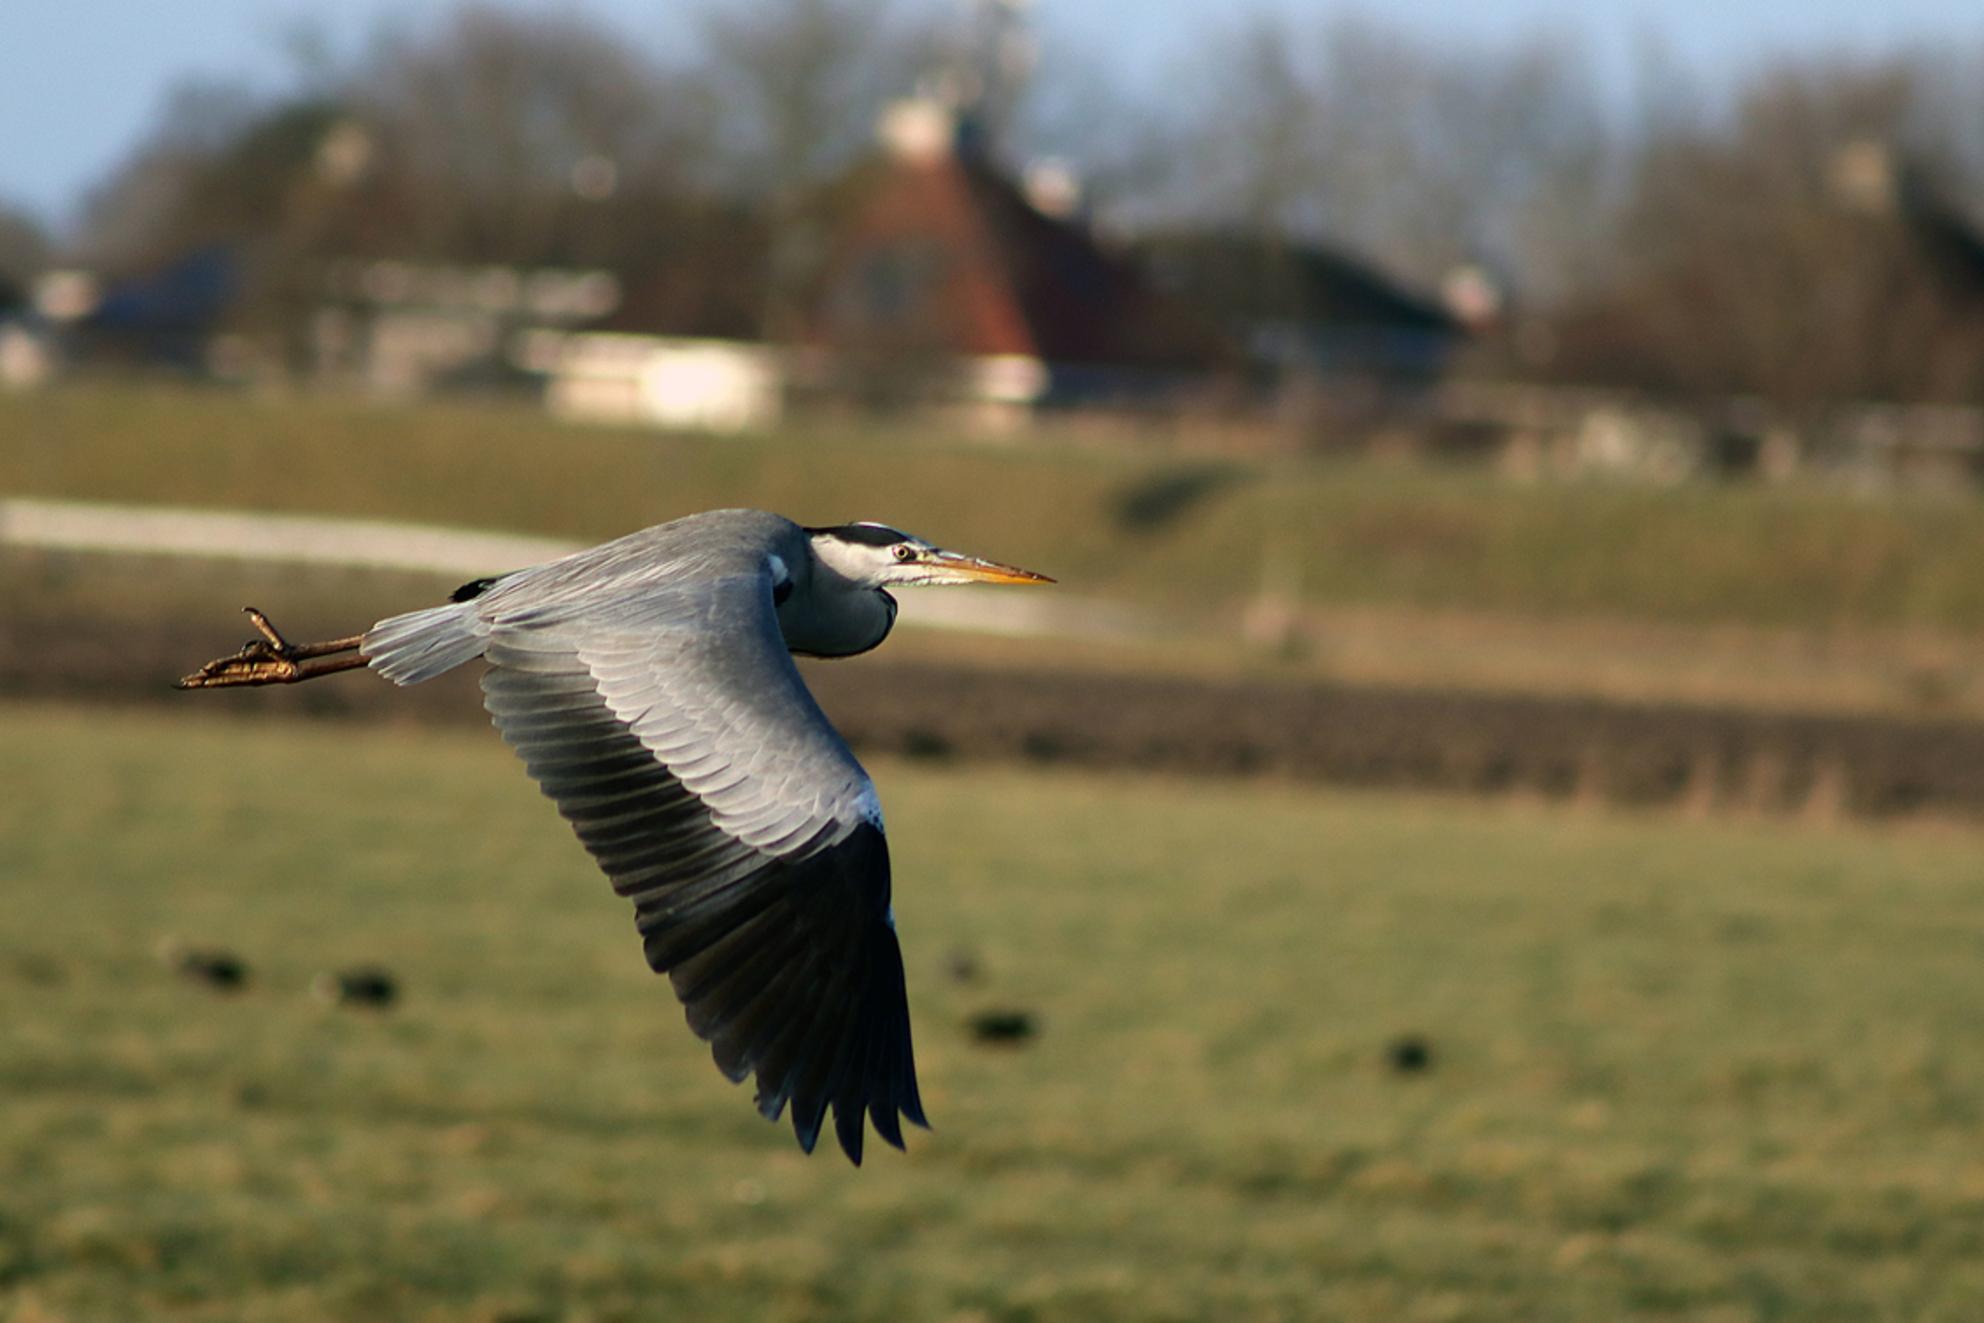 Luchtverkeer, pas op - - - foto door KarinSnoek op 26-02-2021 - deze foto bevat: natuur, vleugels, vogel, vliegen, reiger, watervogel